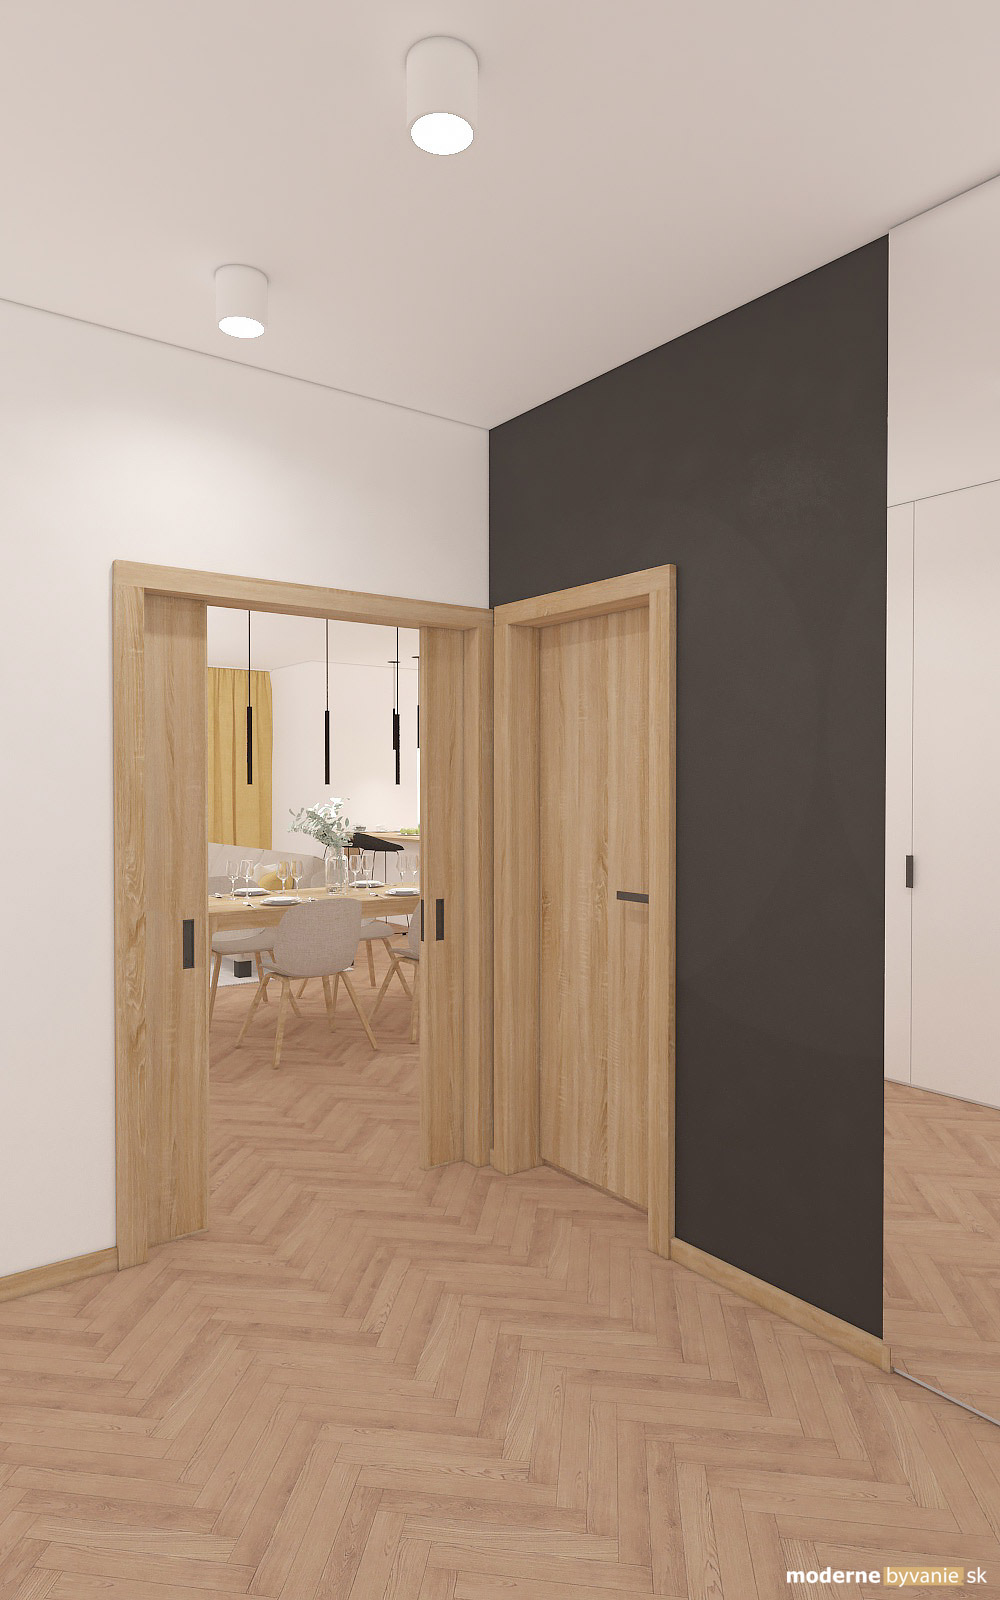 Návrh interiéru-Vstupná chodba-Návrh interiéru domu v Cíferi